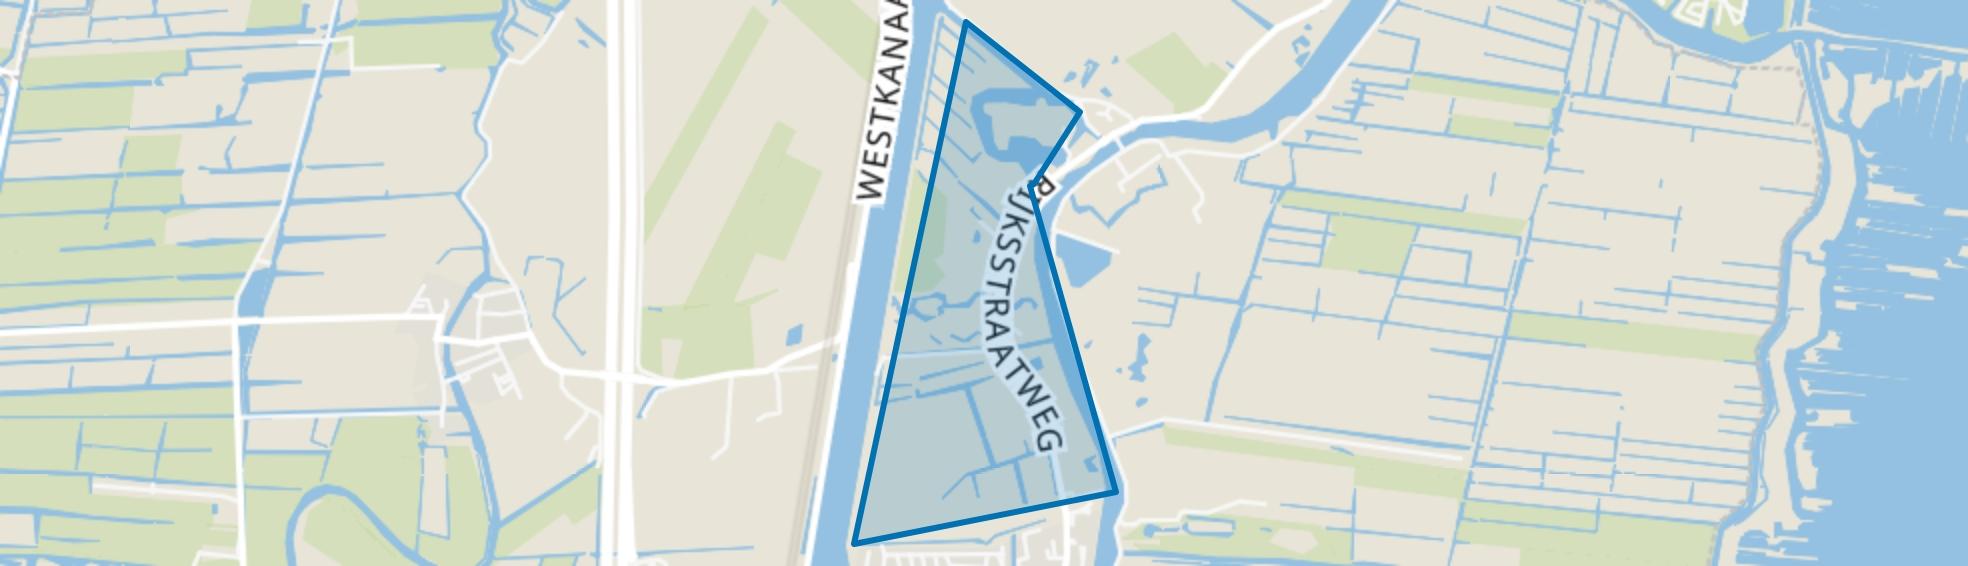 Polder Het Honderd, Nieuwersluis map